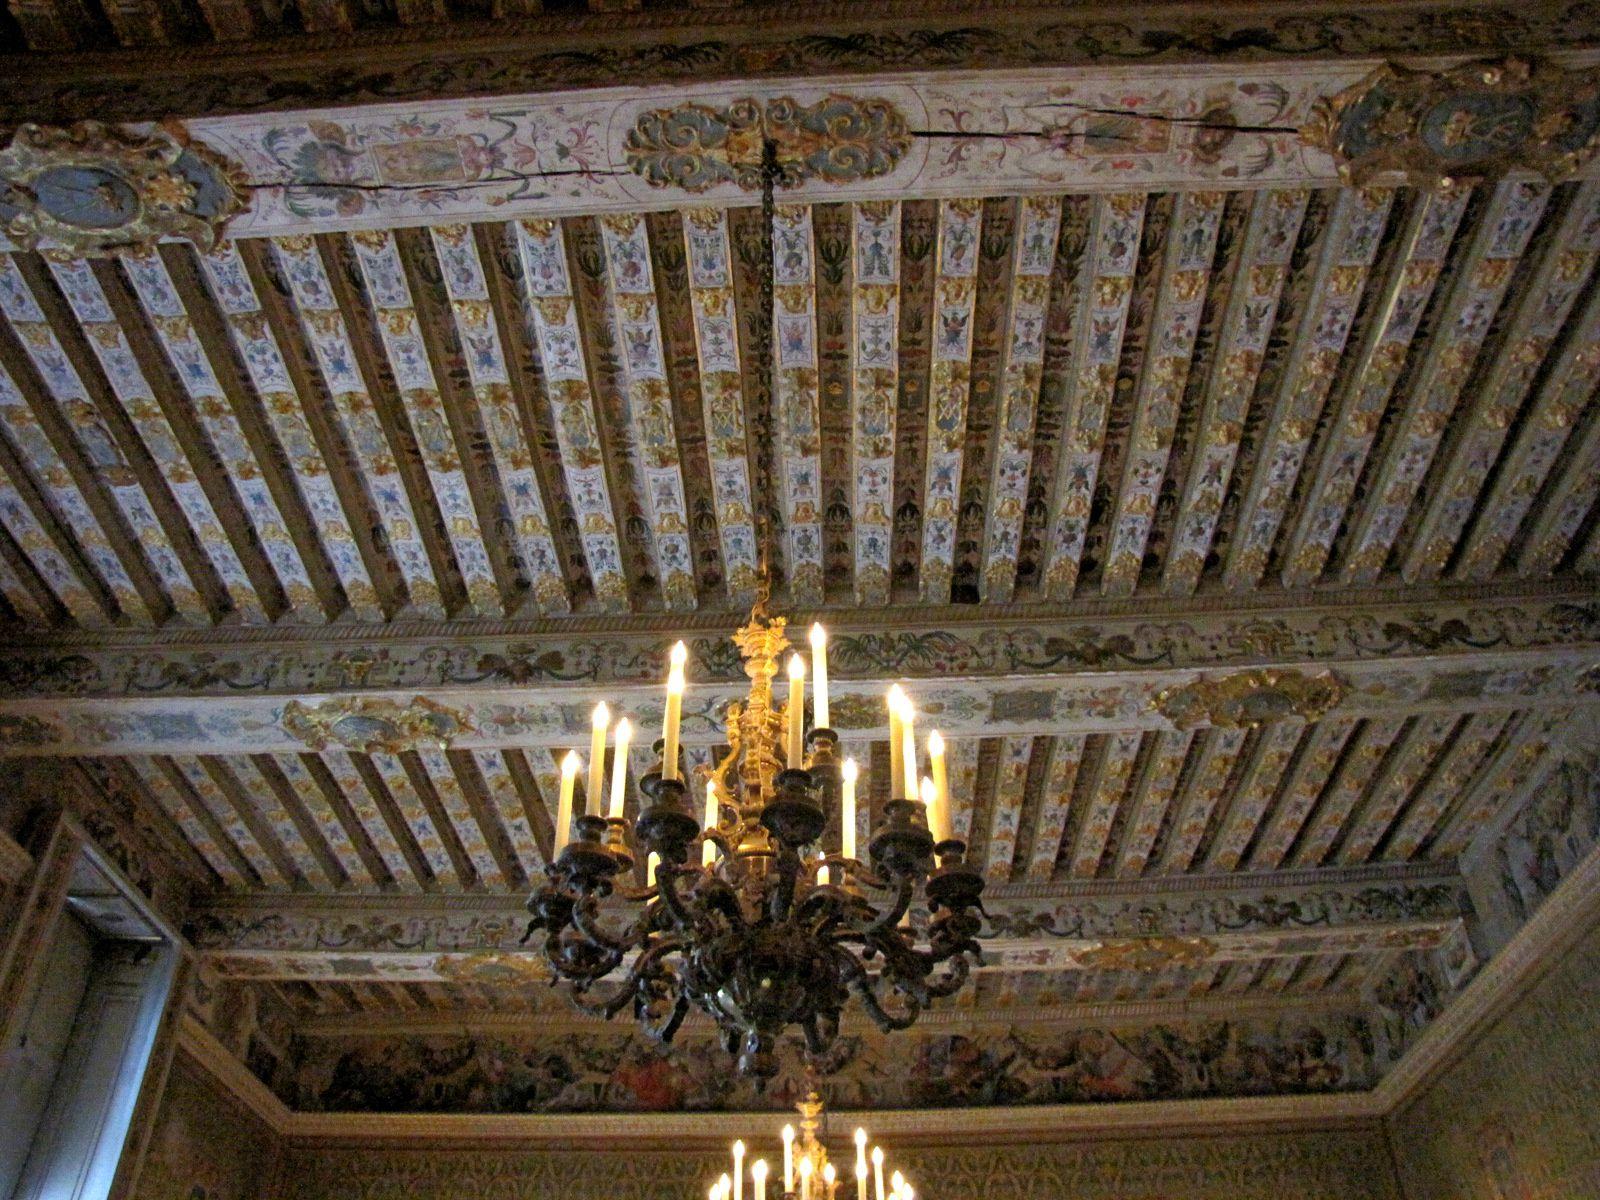 Cheminée de la Salle des Gardes, château de Fontainebleau